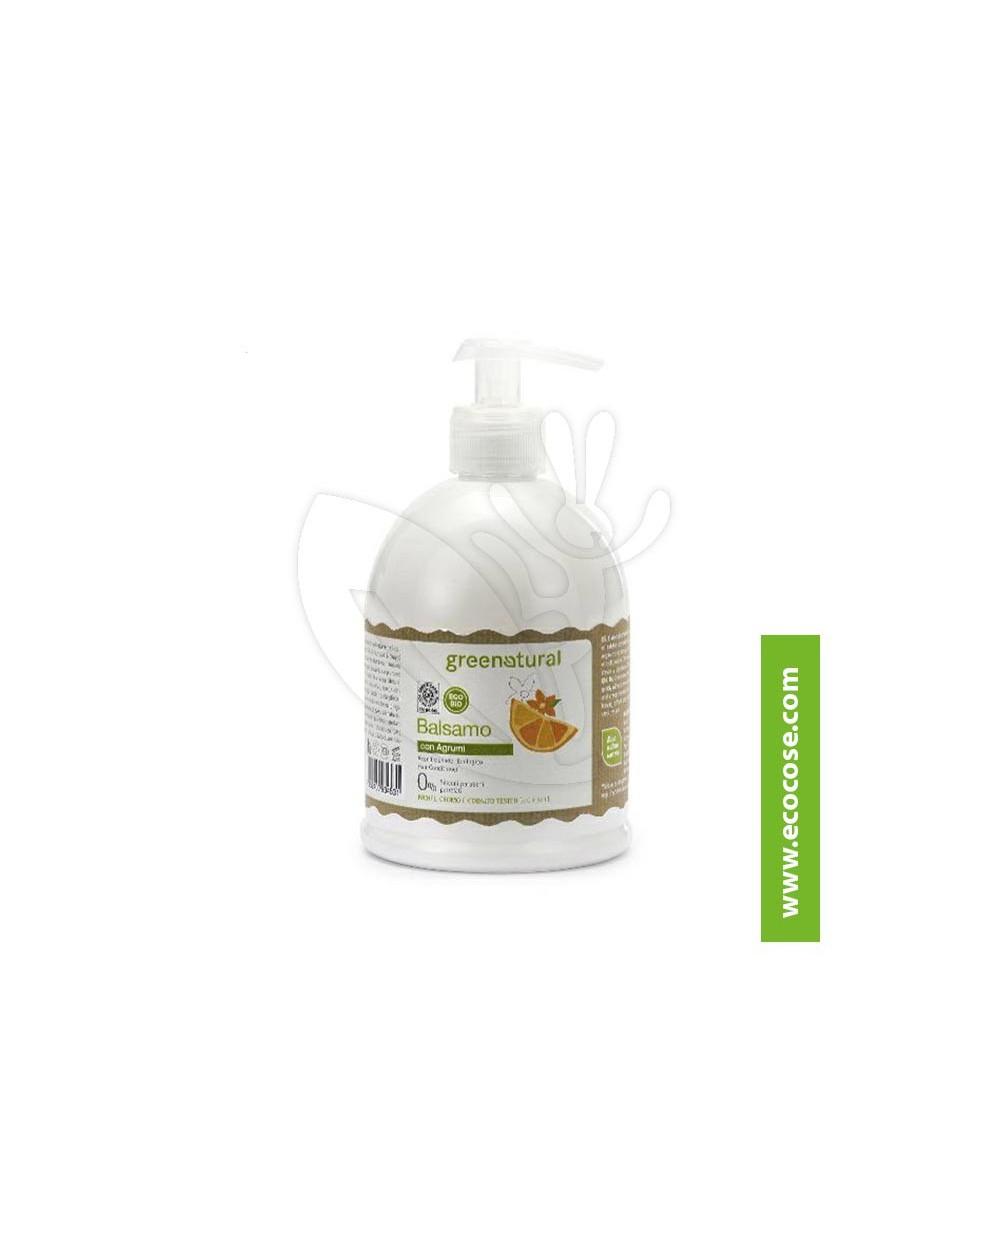 Greenatural - Balsamo capelli con Agrumi